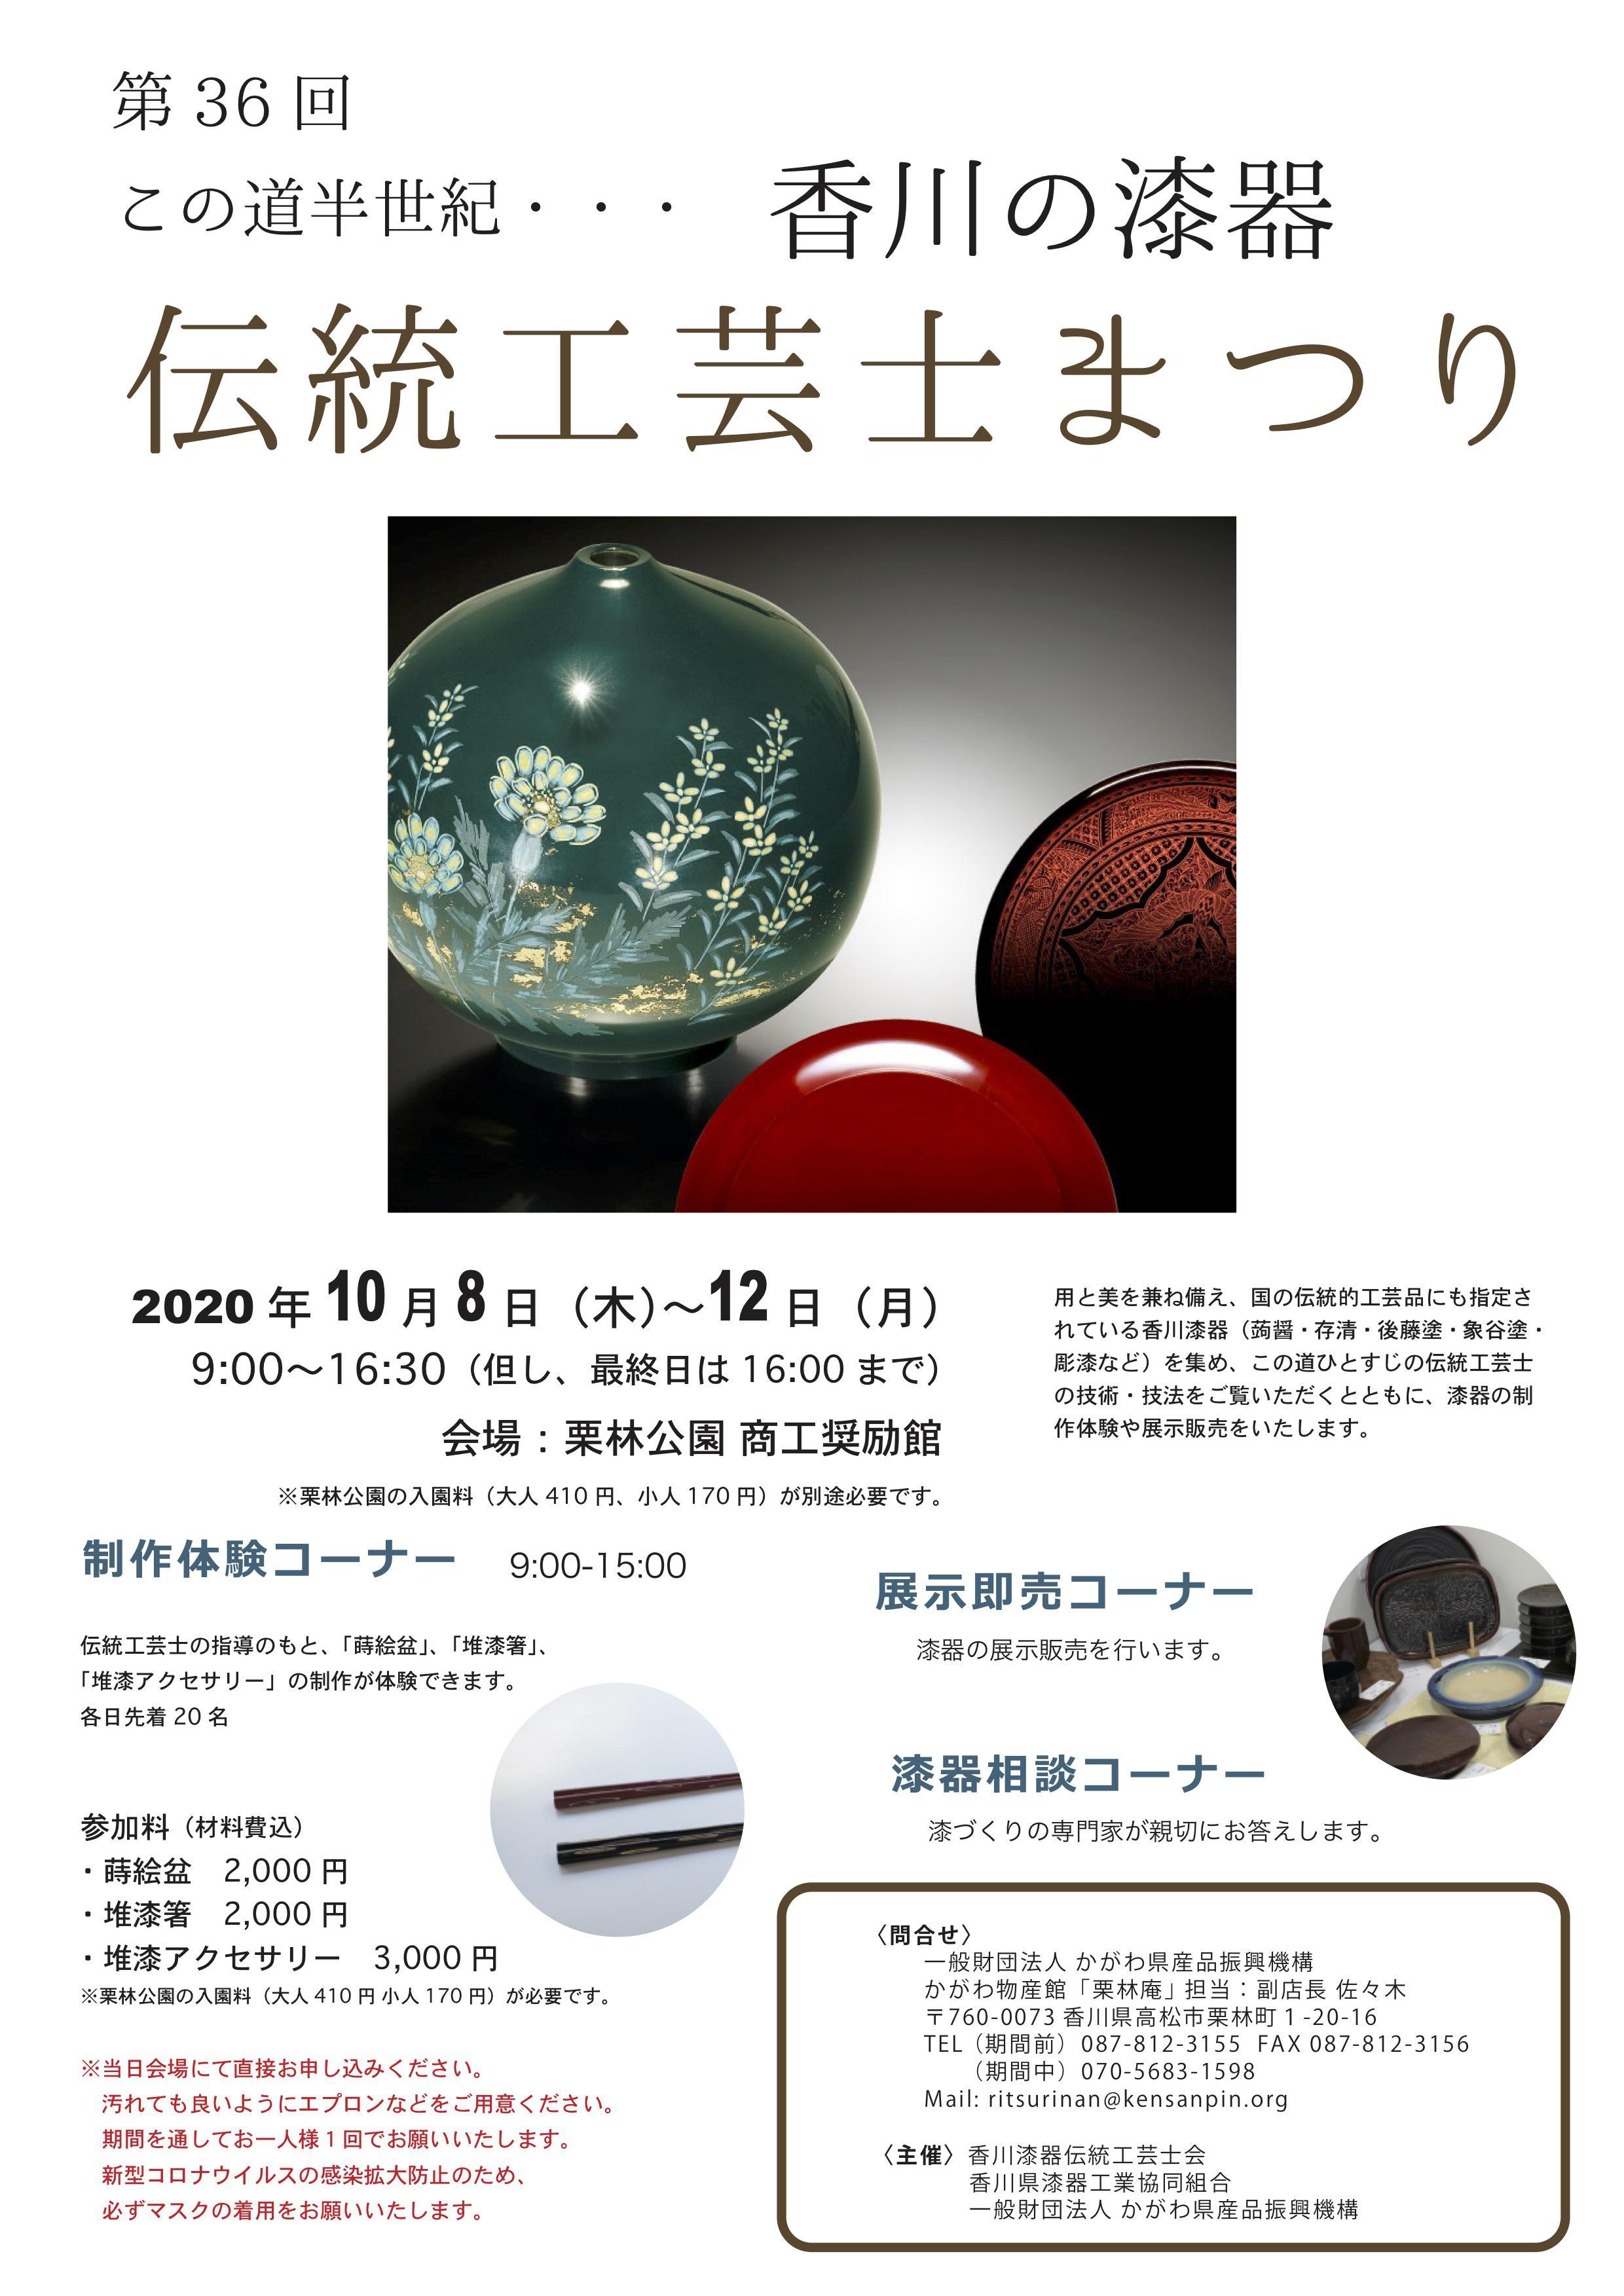 県 コロナ 香川 新型 〈新型コロナ〉香川県 飲食店への時短要請は「14日で解除」へ